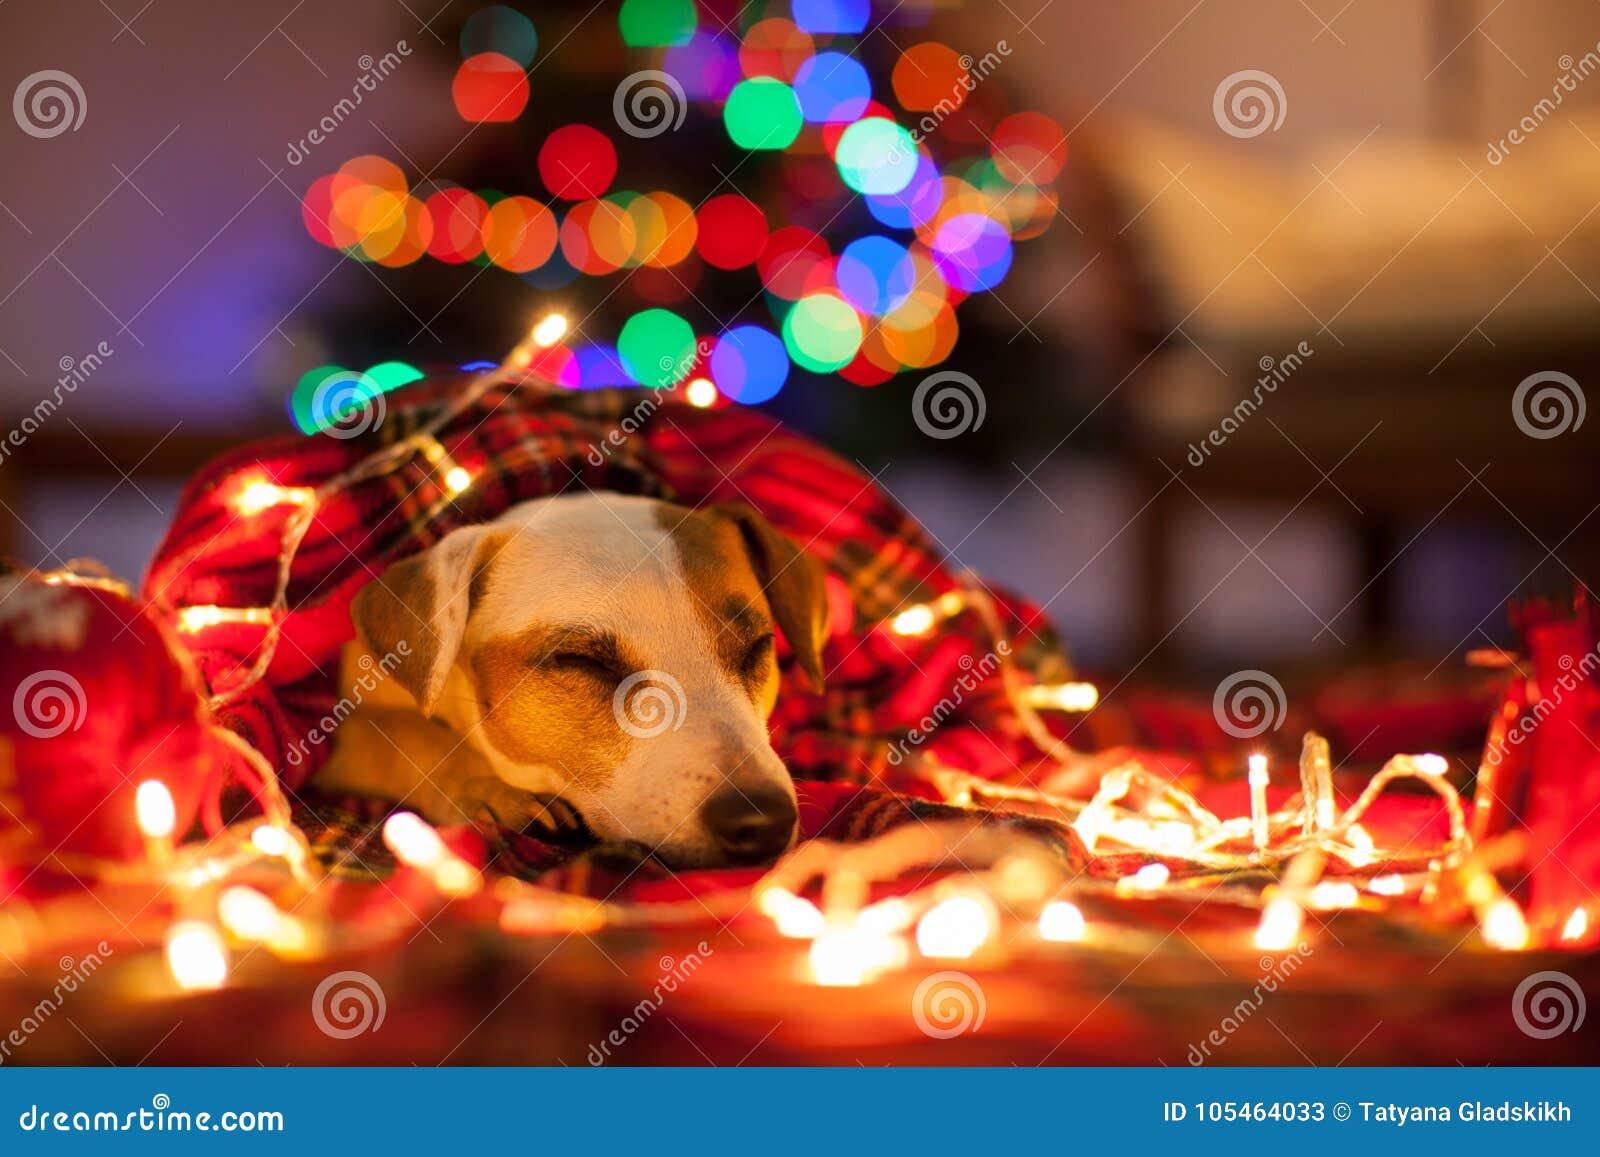 Sova hunden under julträd